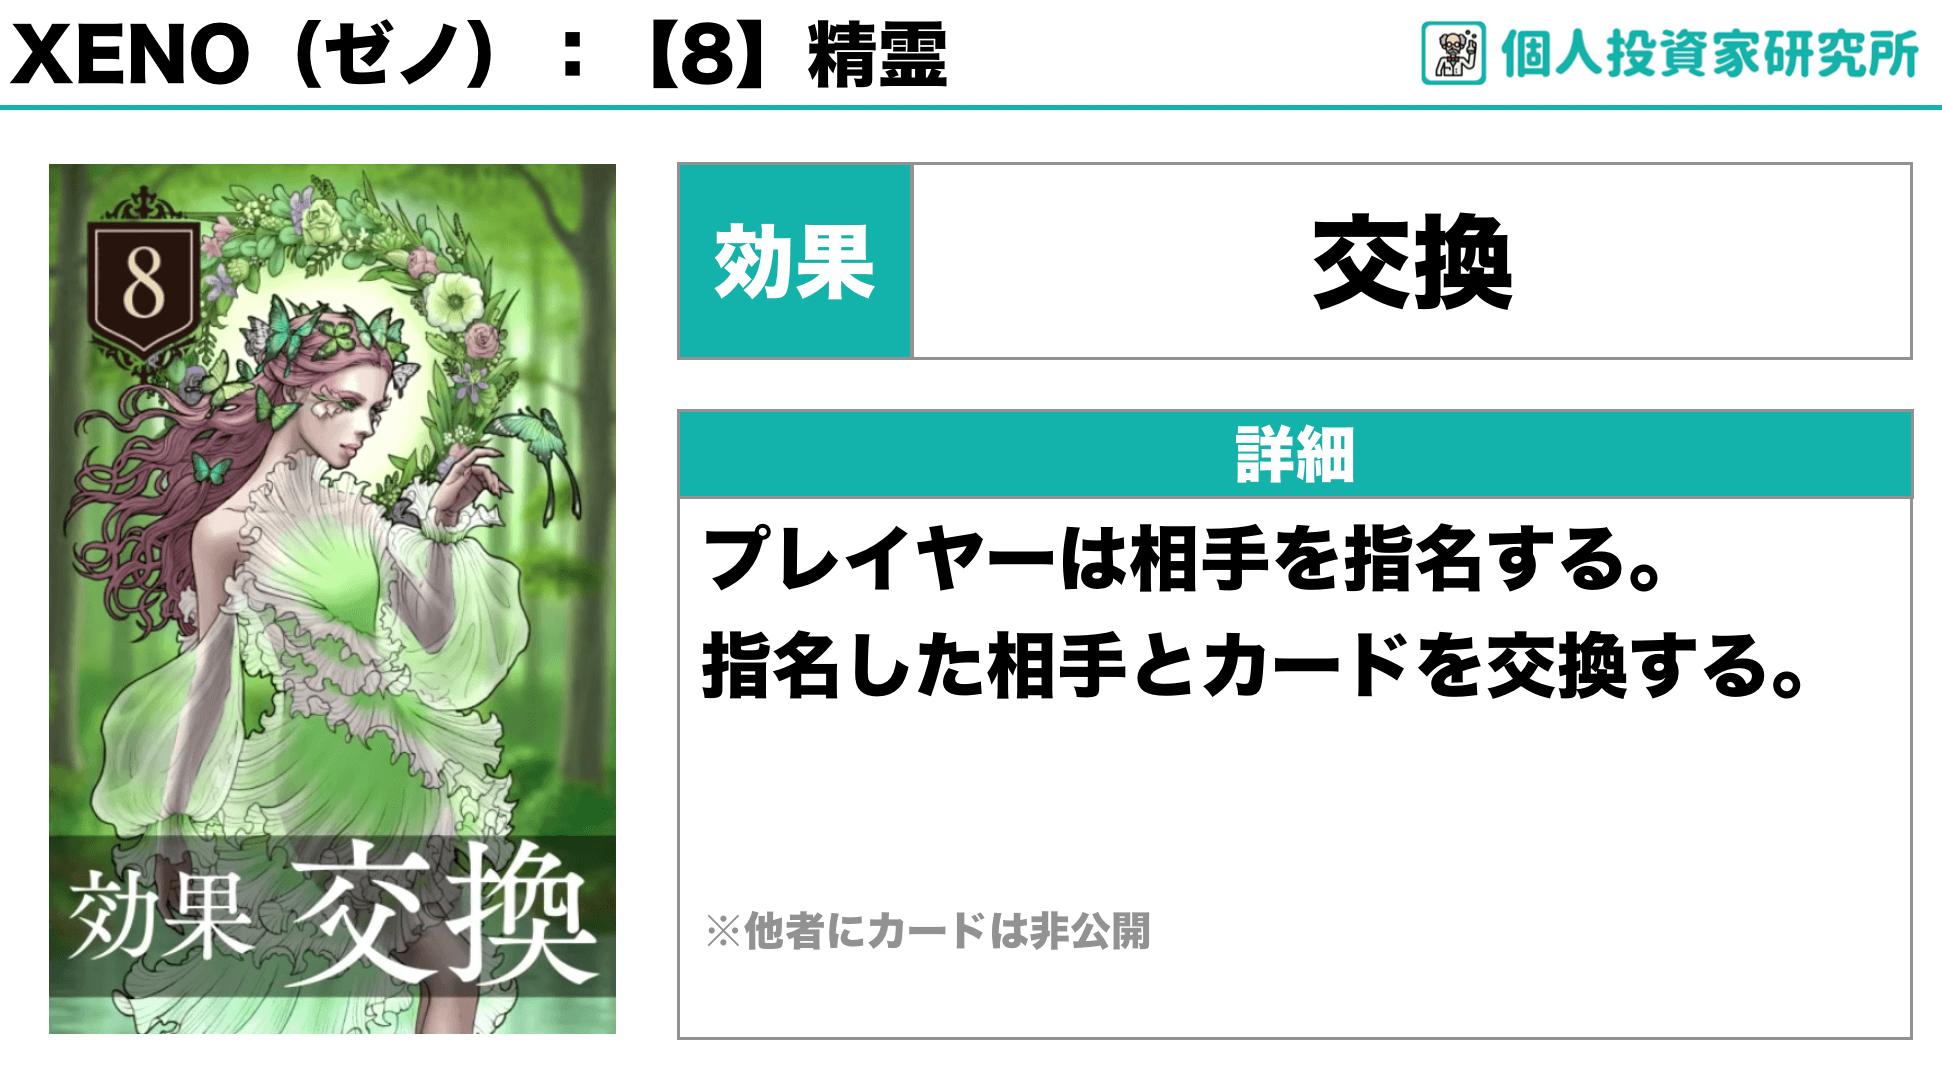 【ルール_カードの効果】中田敦彦さん考案のカードゲーム・XENO(ゼノ)8